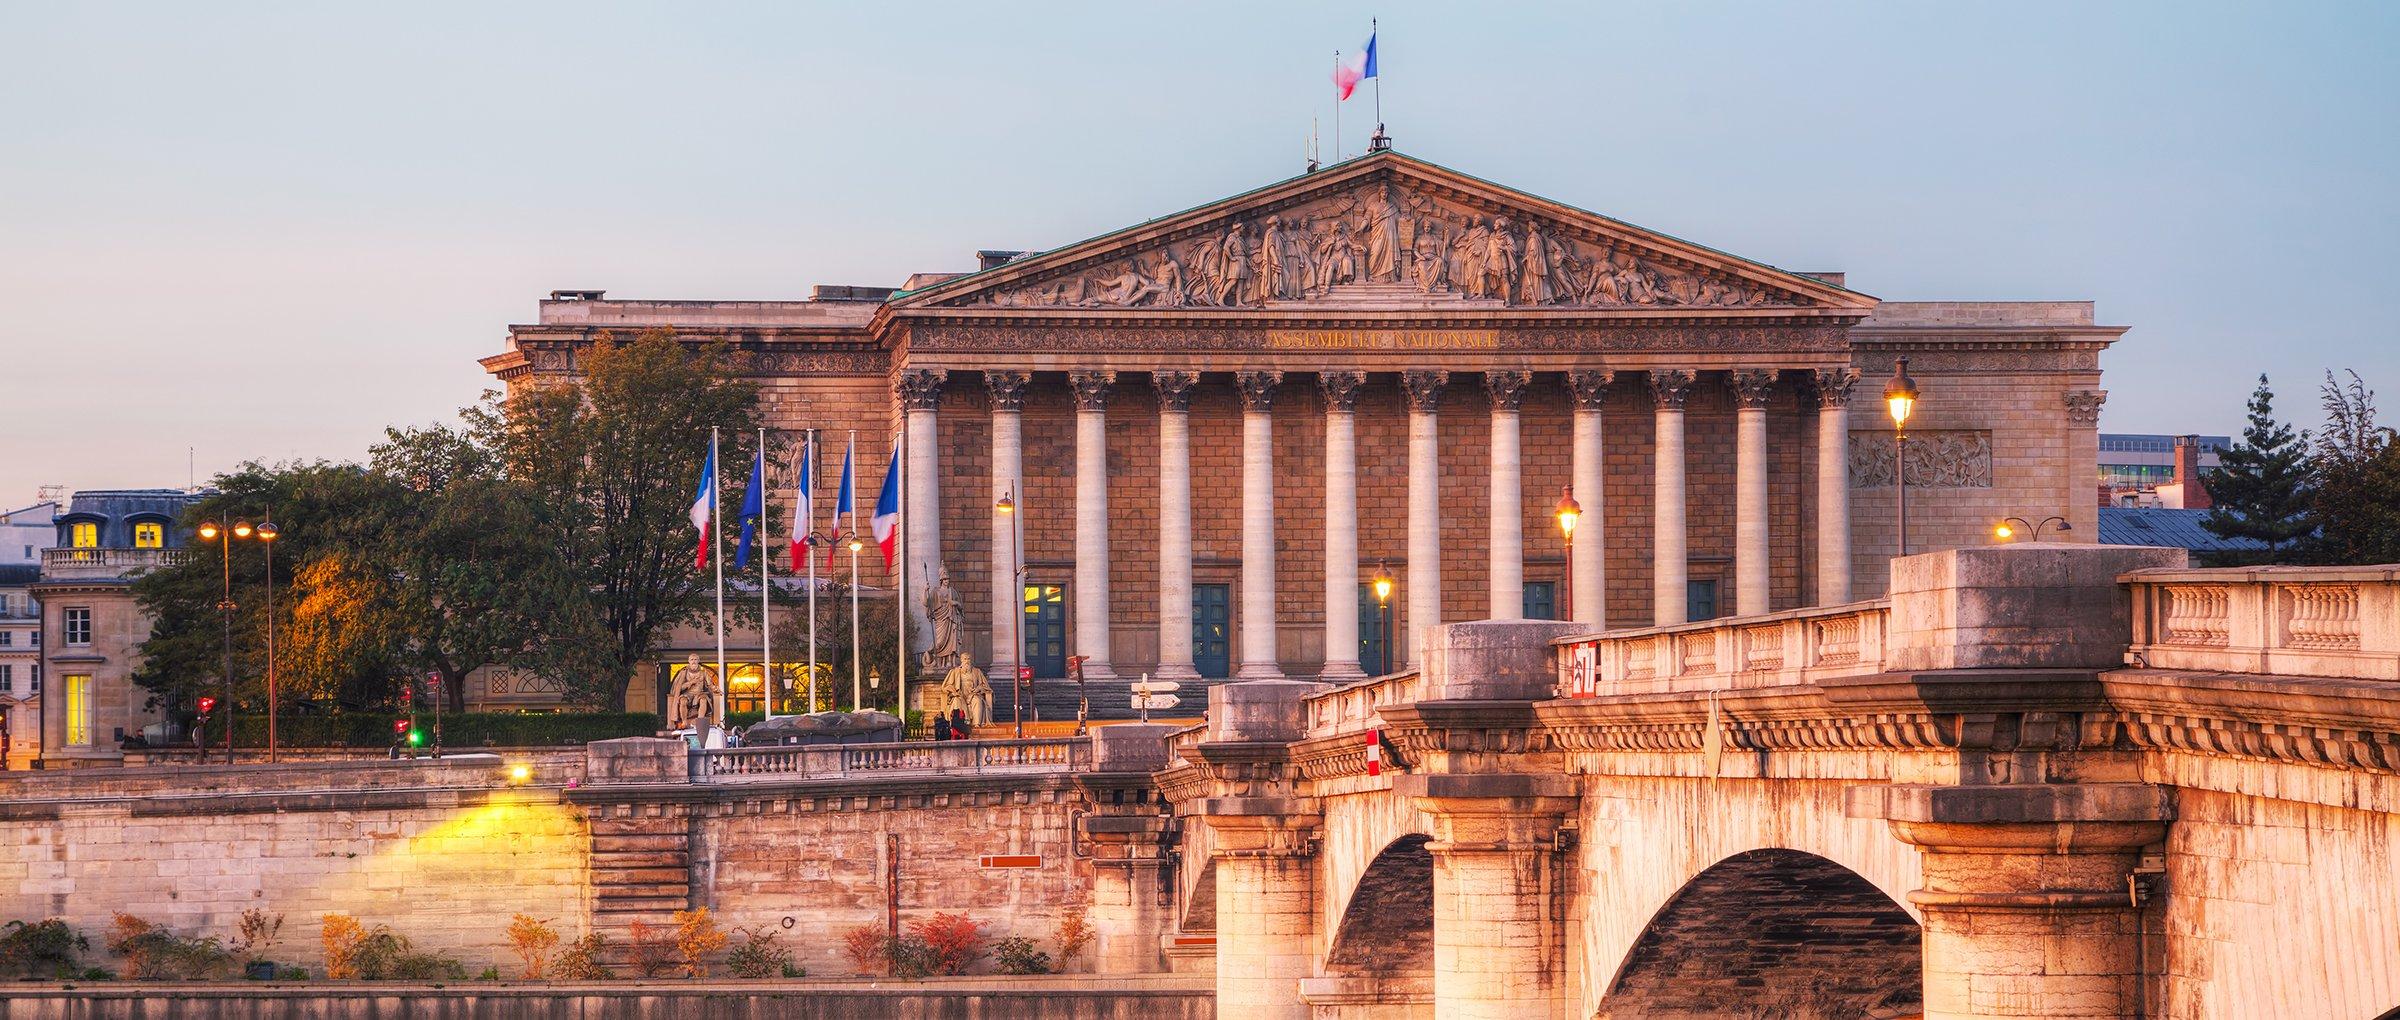 En France, une proposition de loi veut pénaliser la GPA à l'étranger